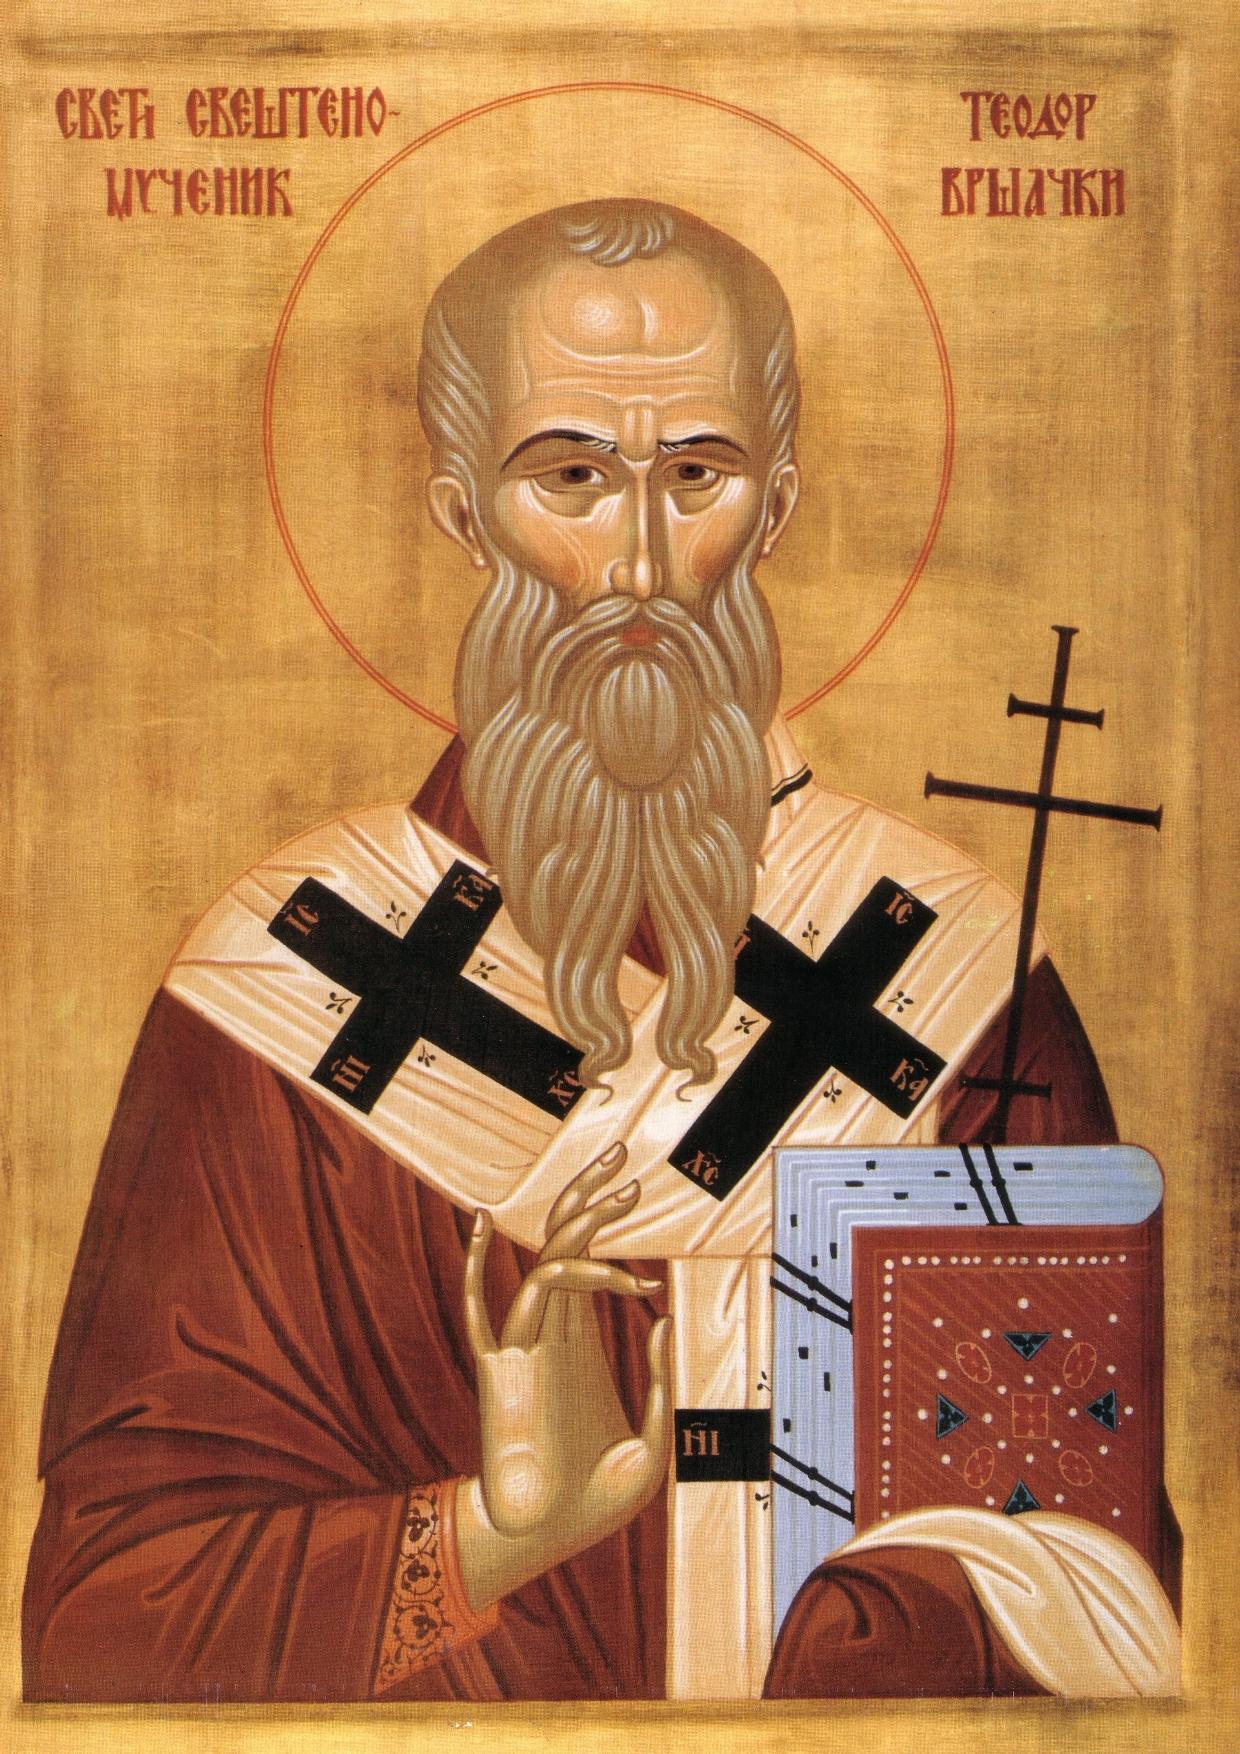 Αποτέλεσμα εικόνας για Свети свештеномученик Теодор вршачки